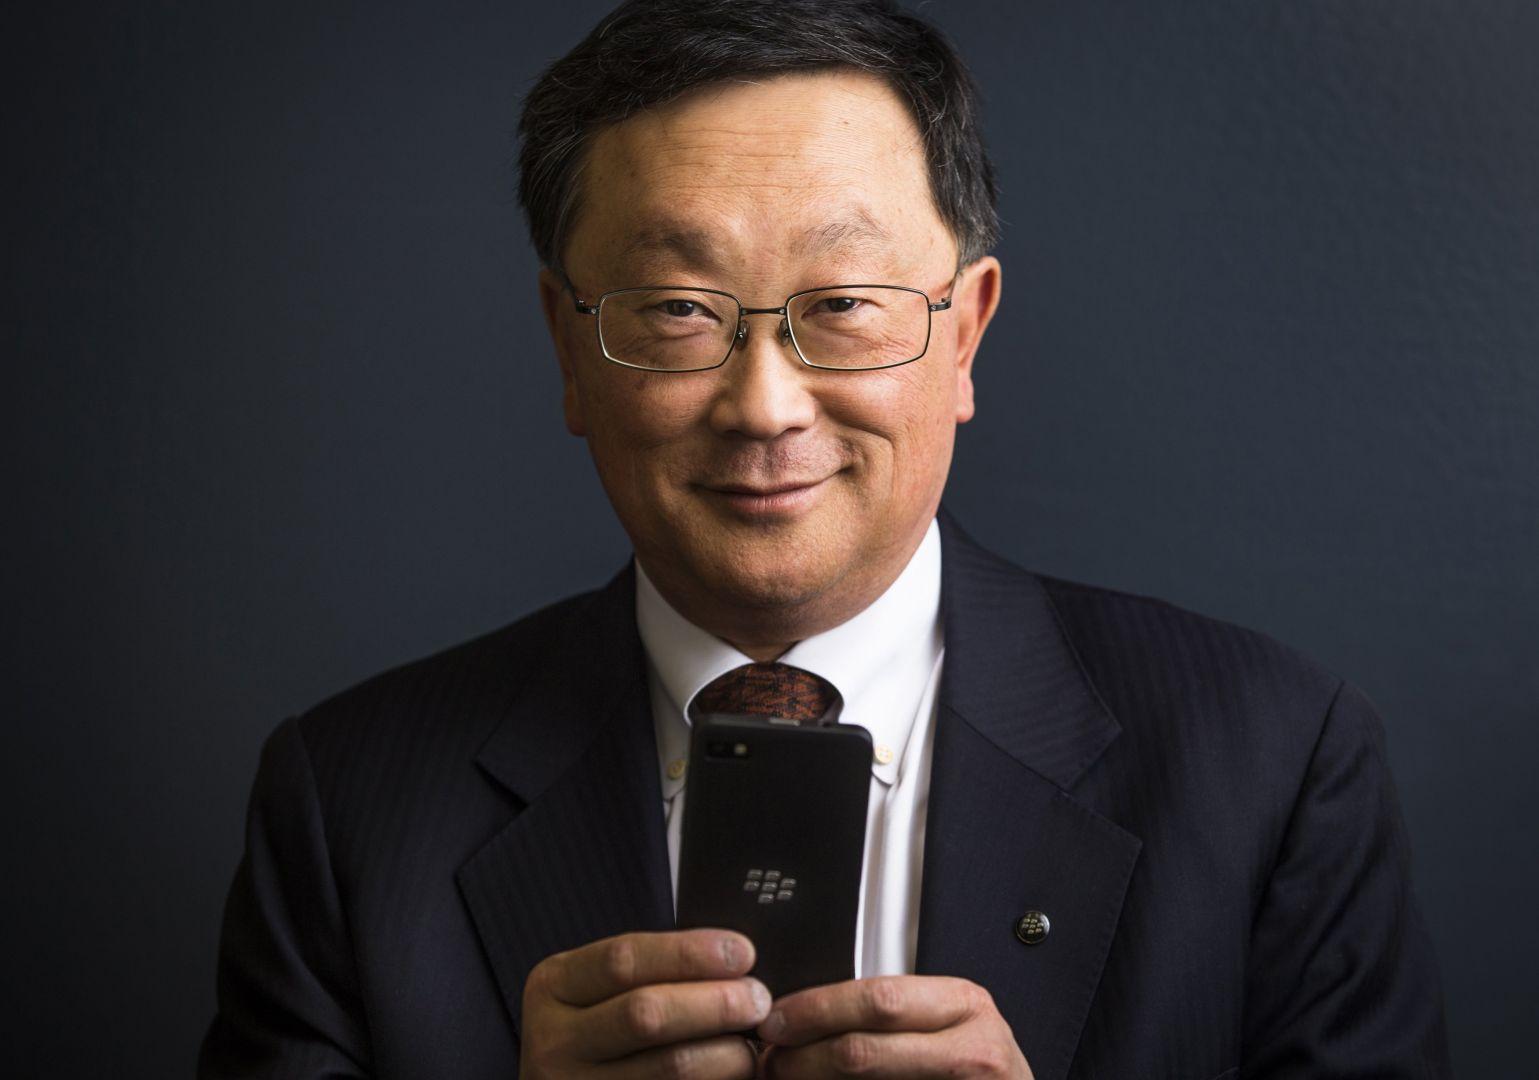 CEO-ul BlackBerry, John Chen infirmă zvonurile despre Android pe terminalele companiei sale, indică o posibilă retragere din zona smartphone